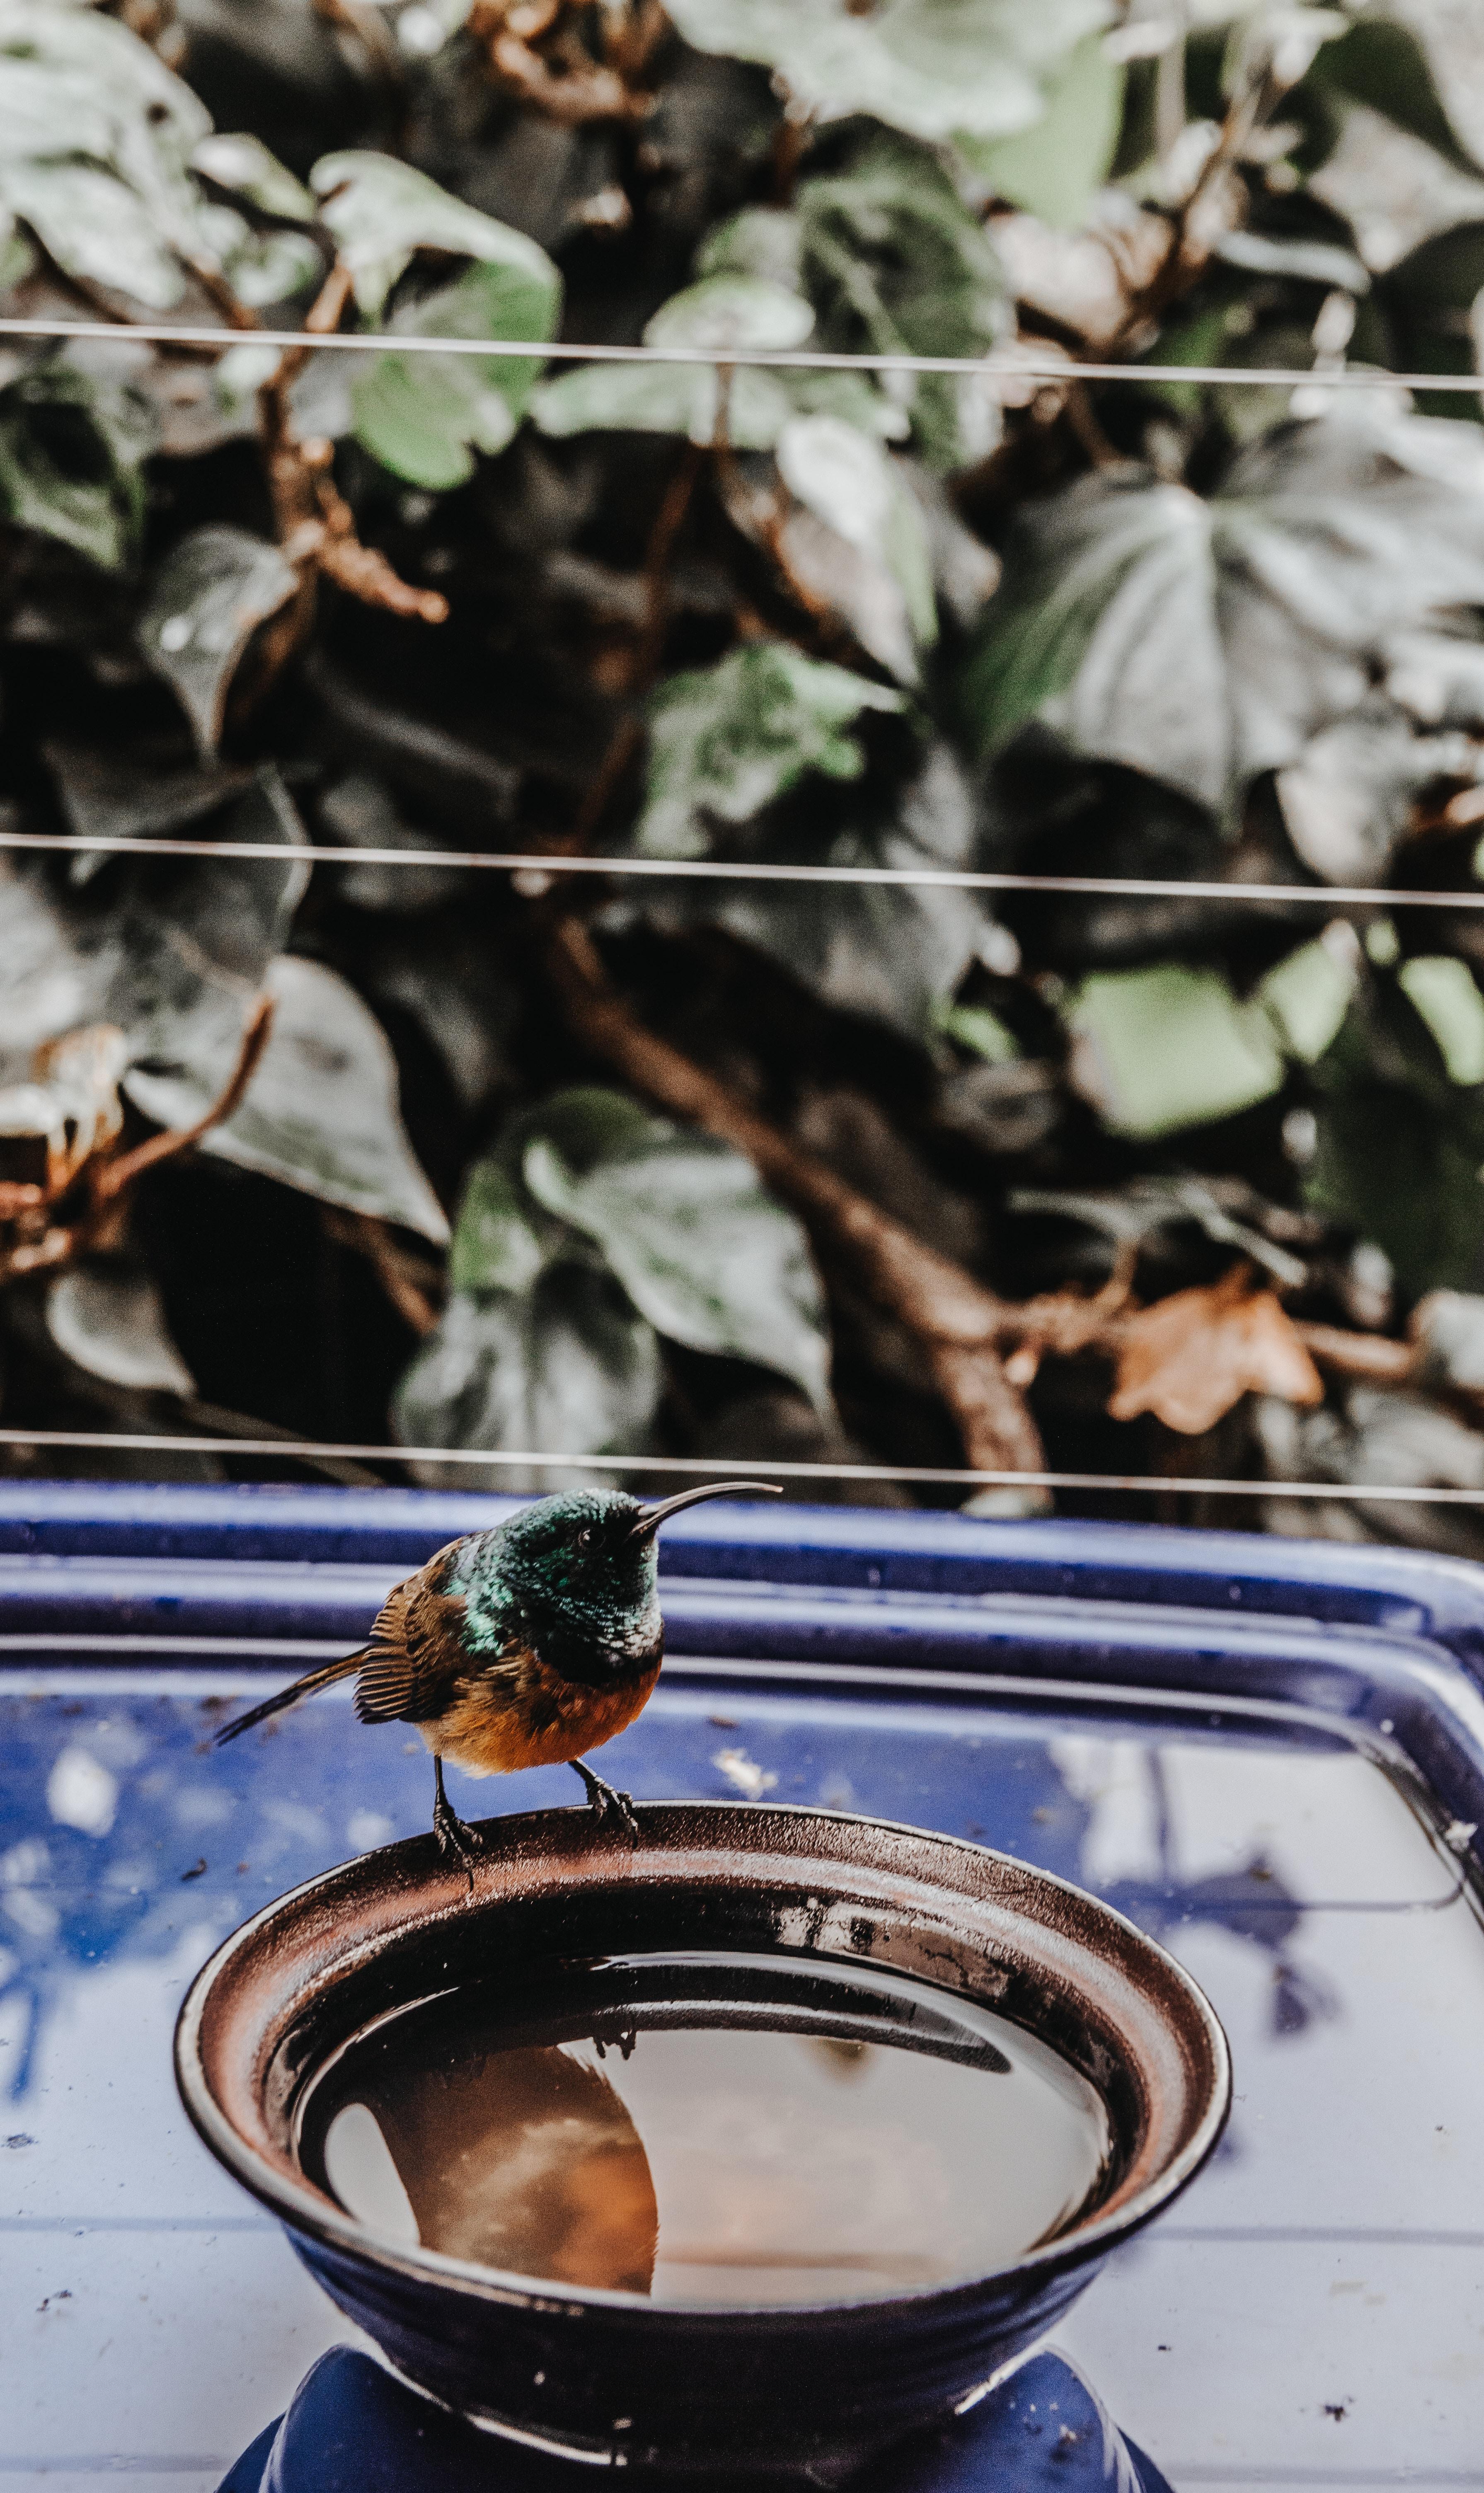 hummingbird perching on bowl